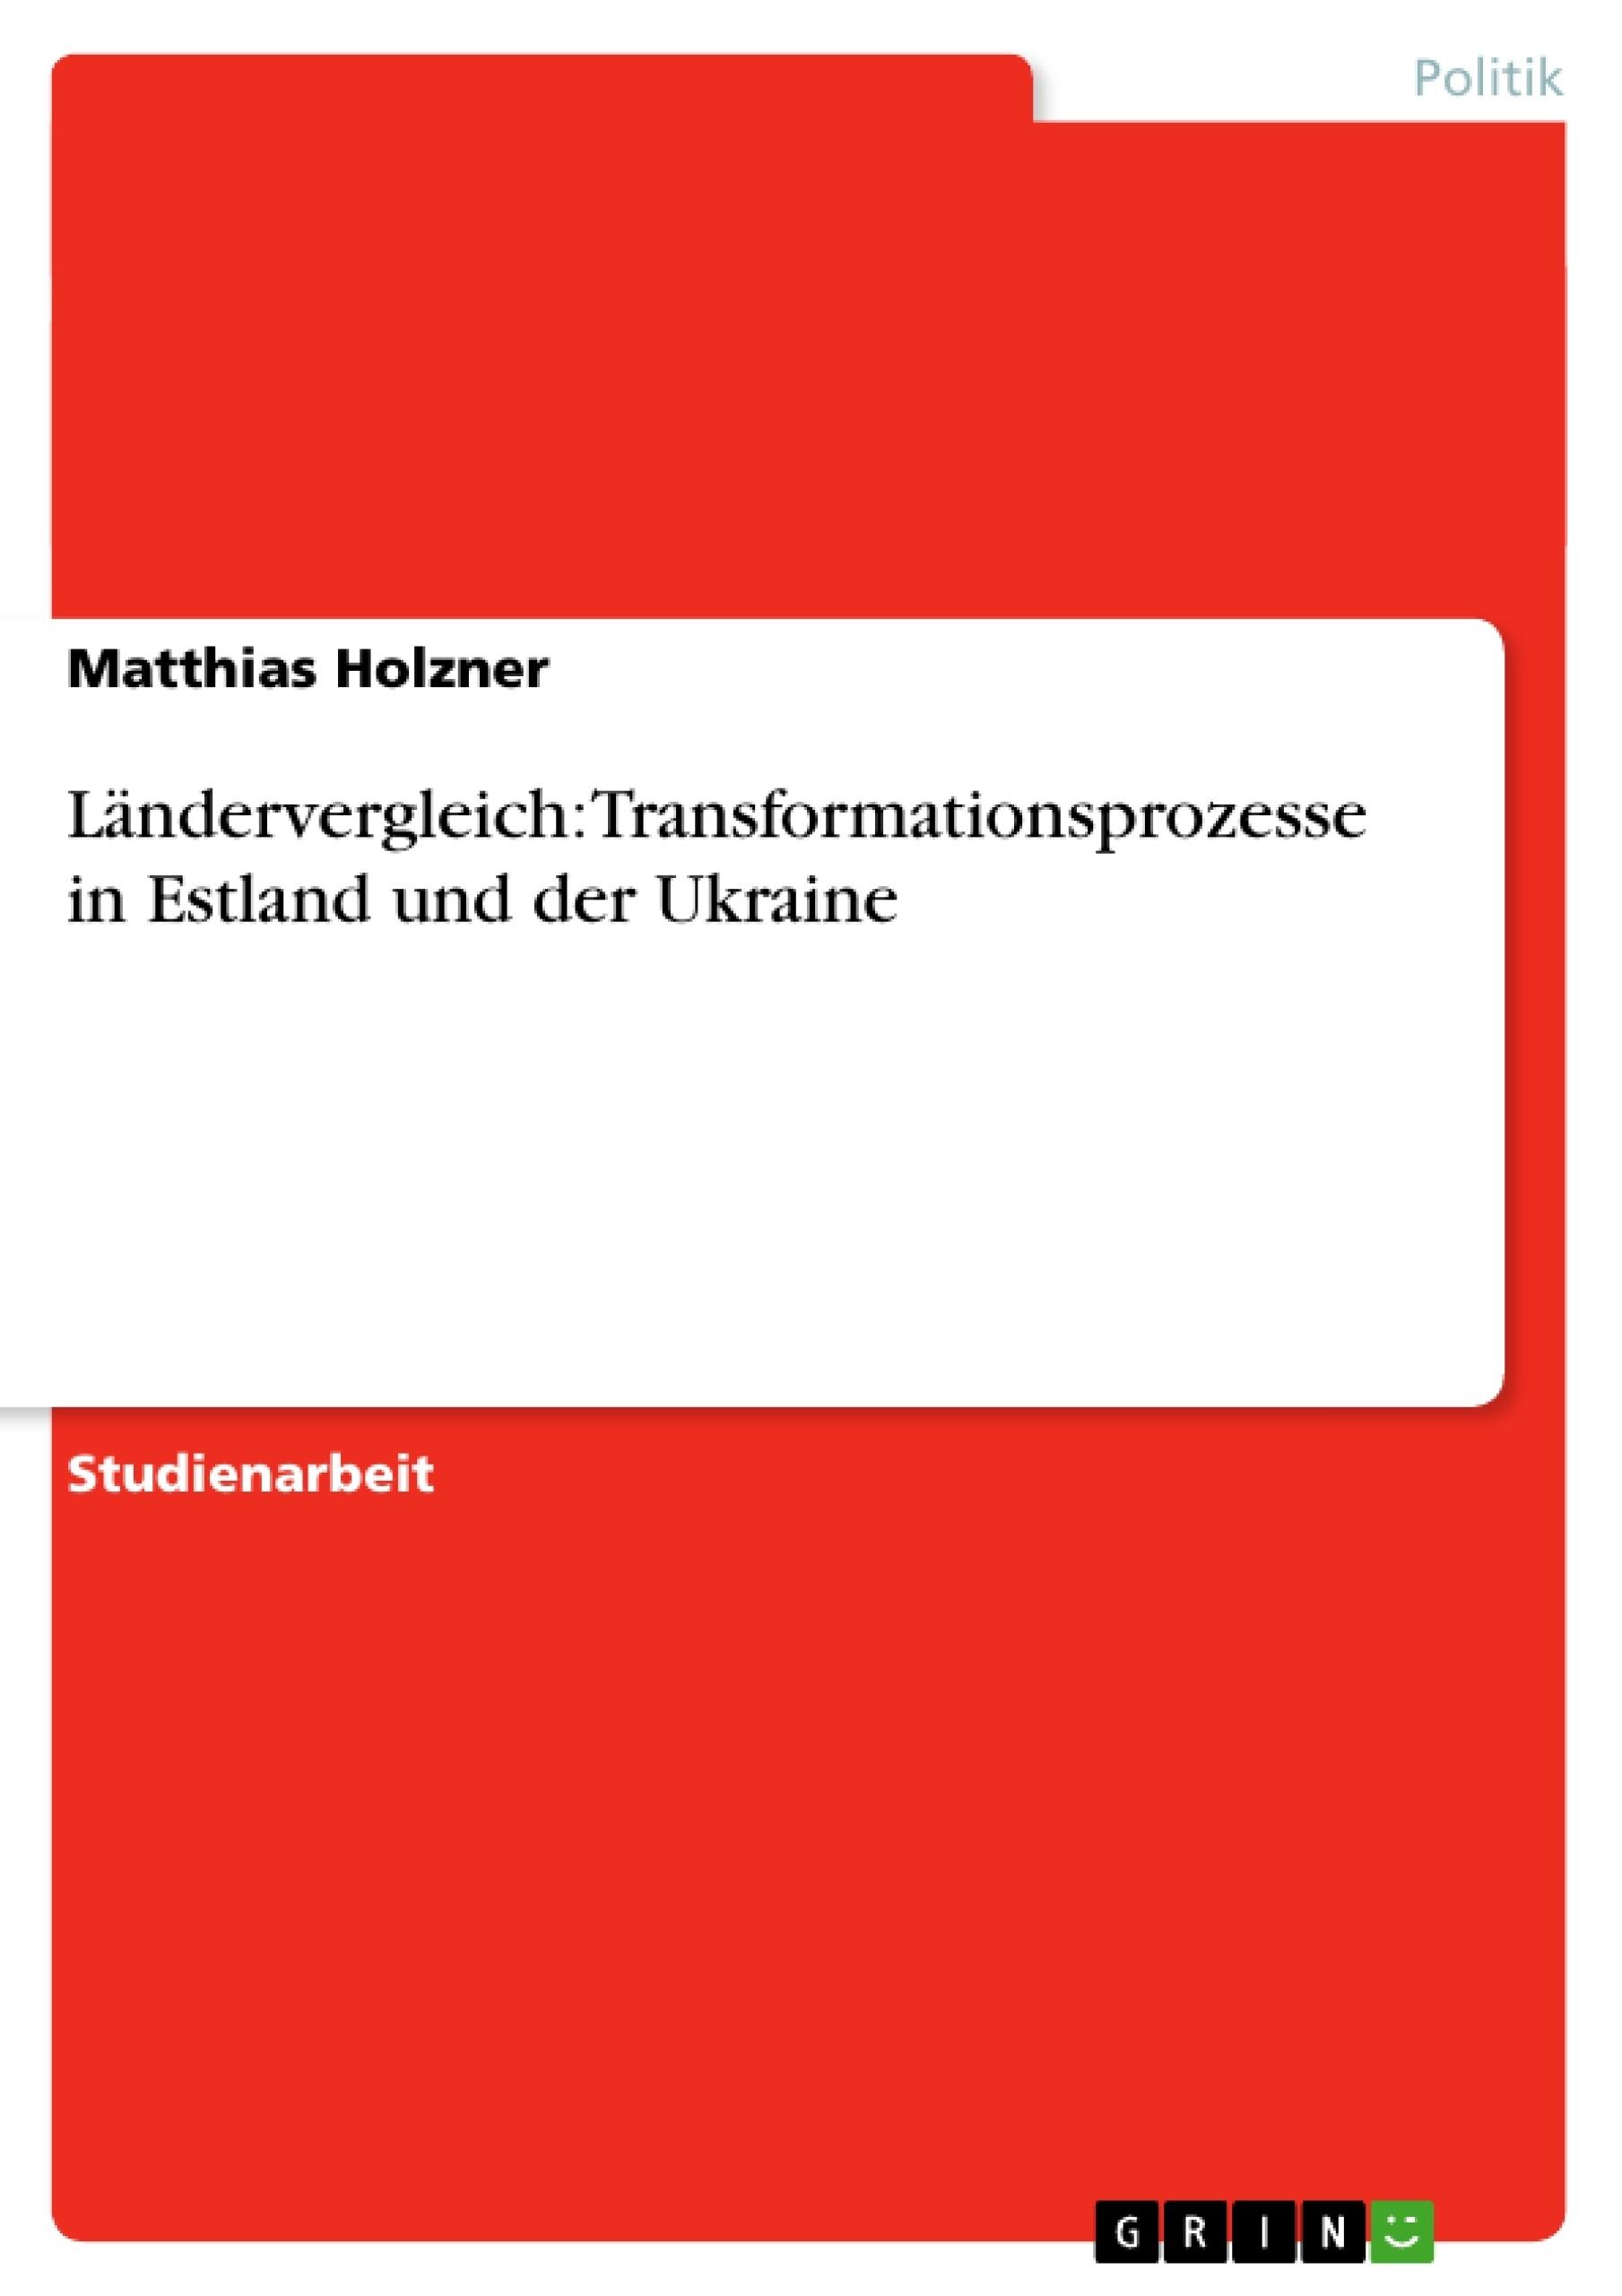 Titel: Ländervergleich: Transformationsprozesse in Estland und der Ukraine